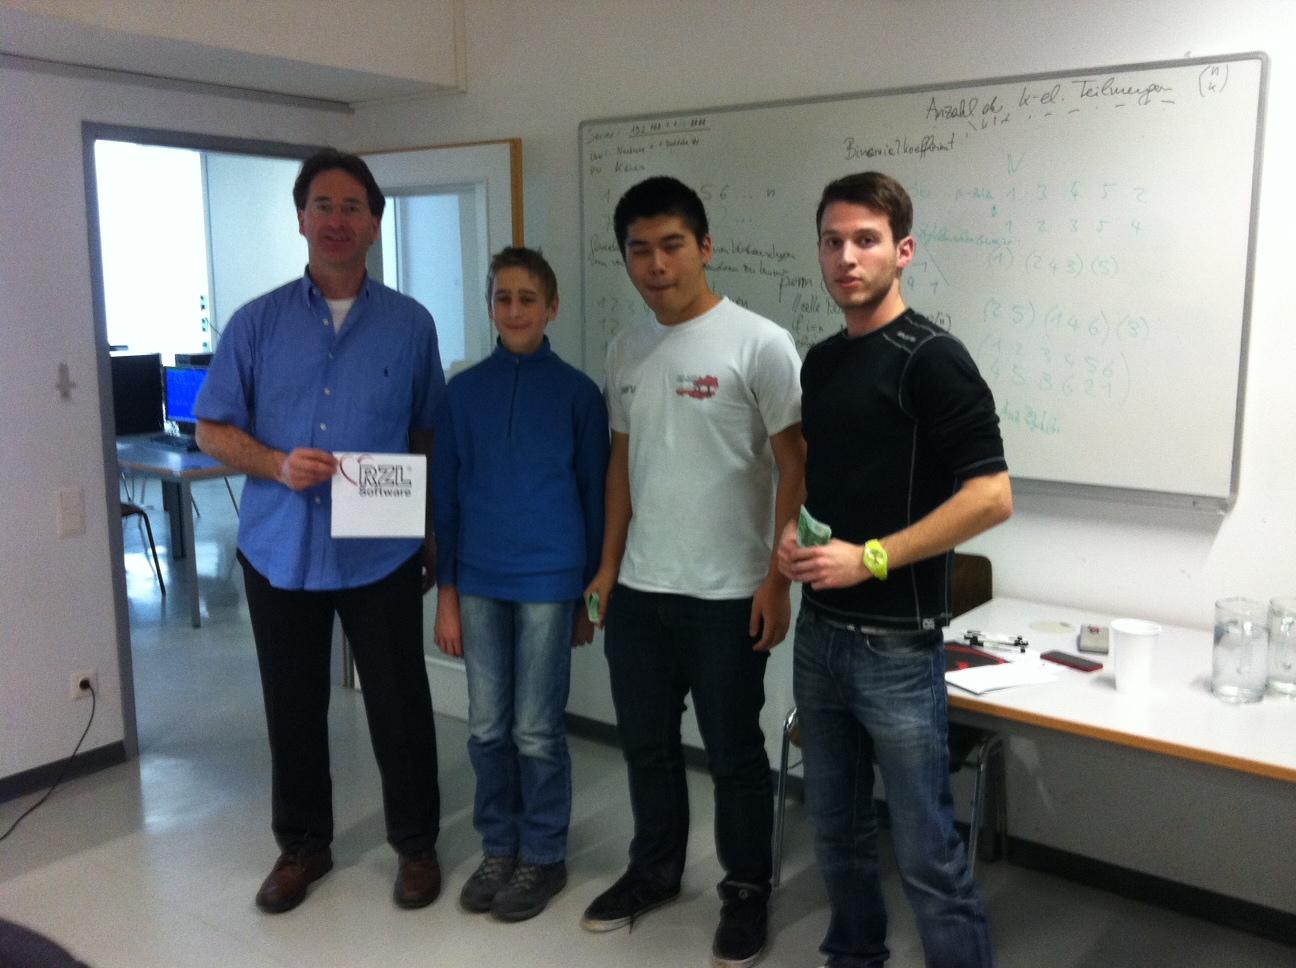 Gerald Stürzlinger von RZL, Peter Ralbovsky, Gary Ye (Bronzemedaille) und Thomas Tangl